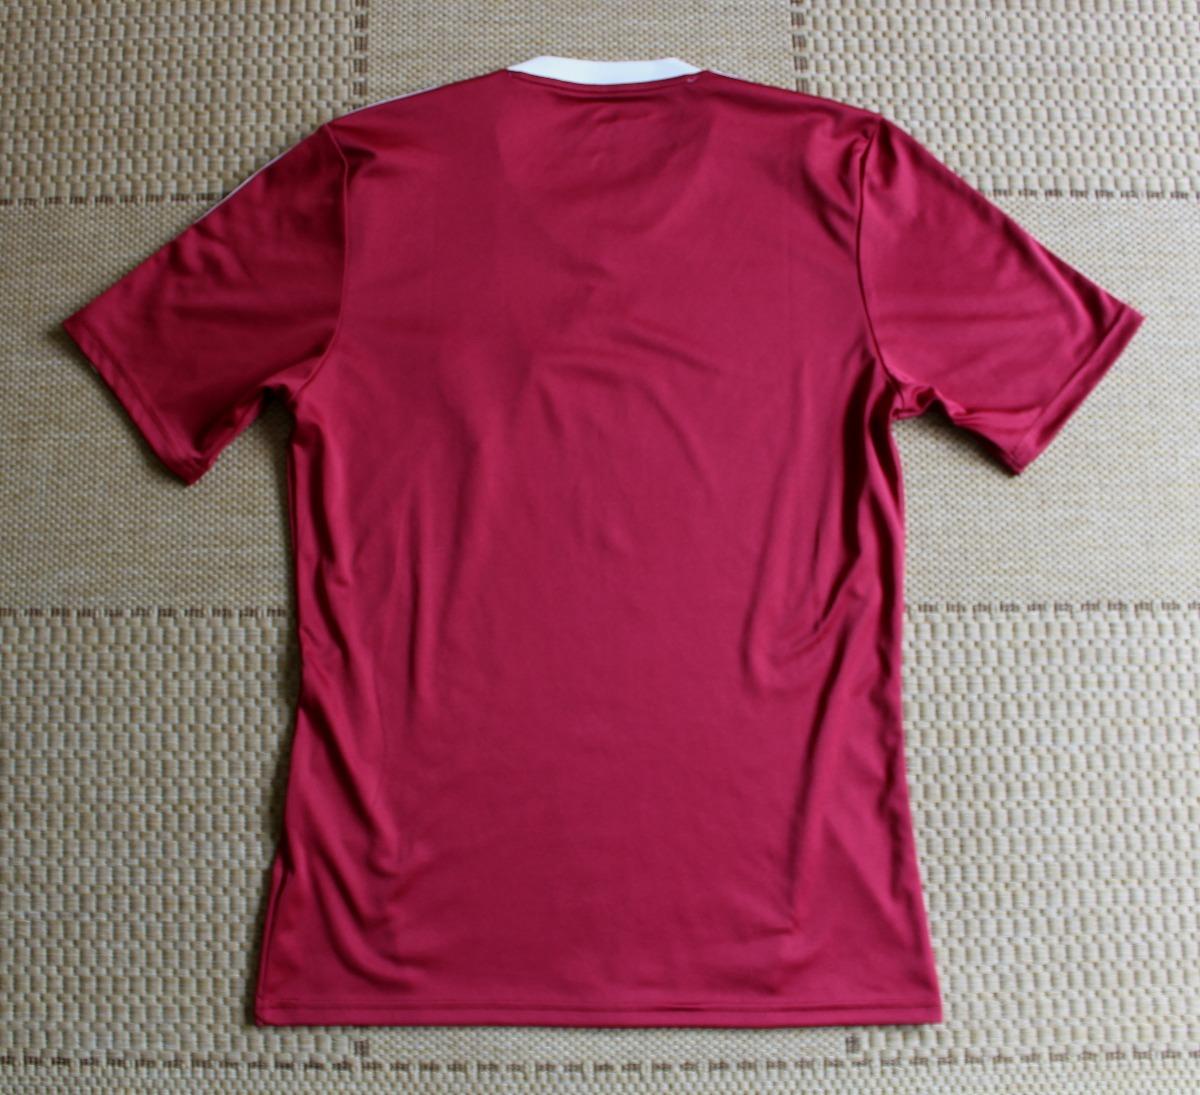 camisa original fluminense 2013 home torcedor climalite. Carregando zoom. 90715e6fdb82f